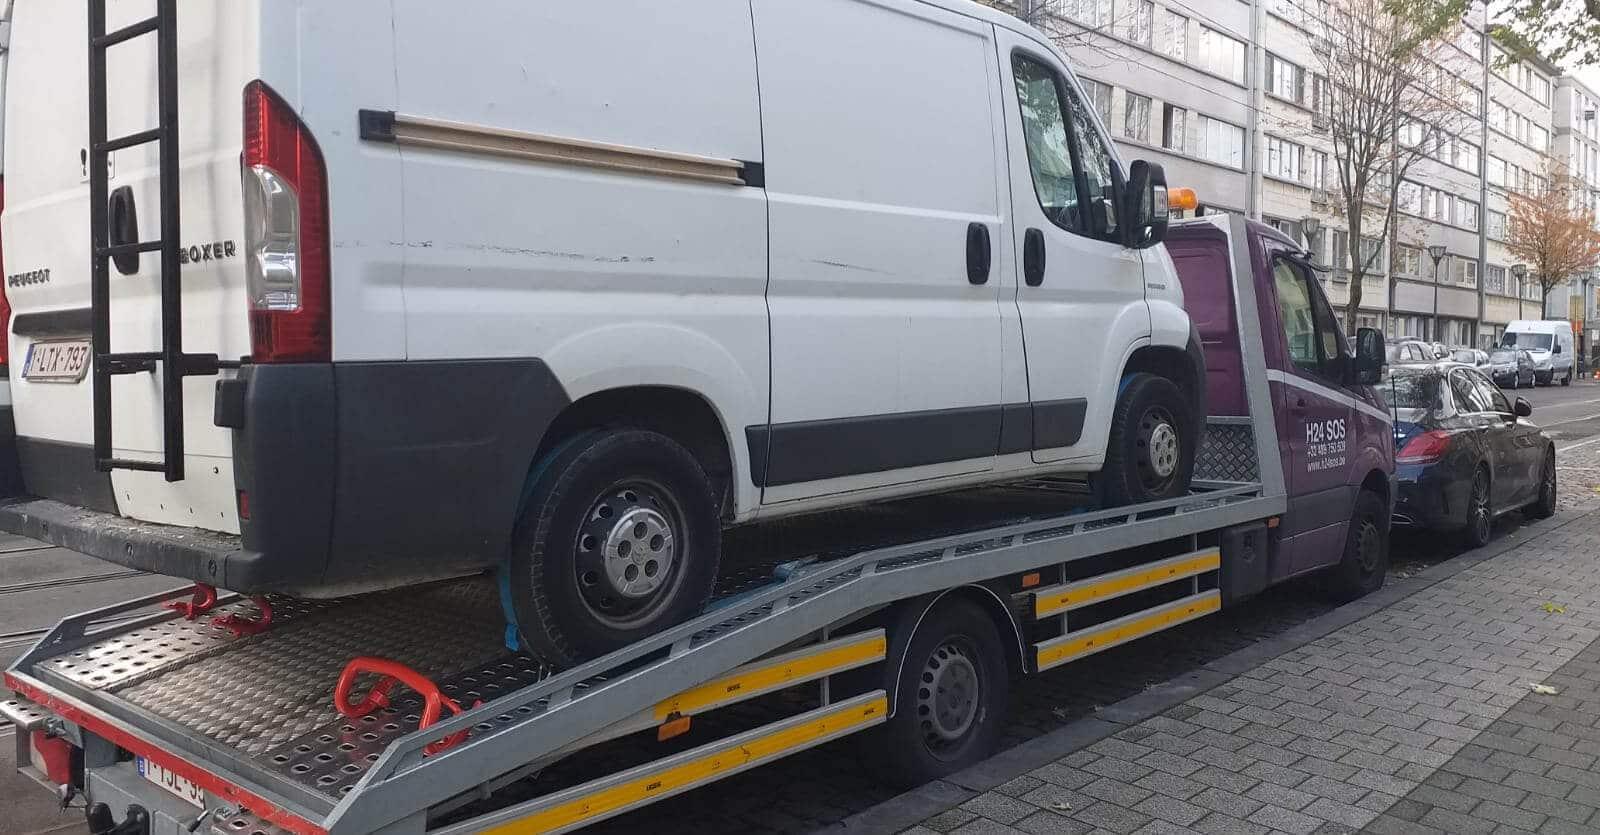 Remorquage et dépannage Camionnette - 0485 964 008 - AutoDepannage